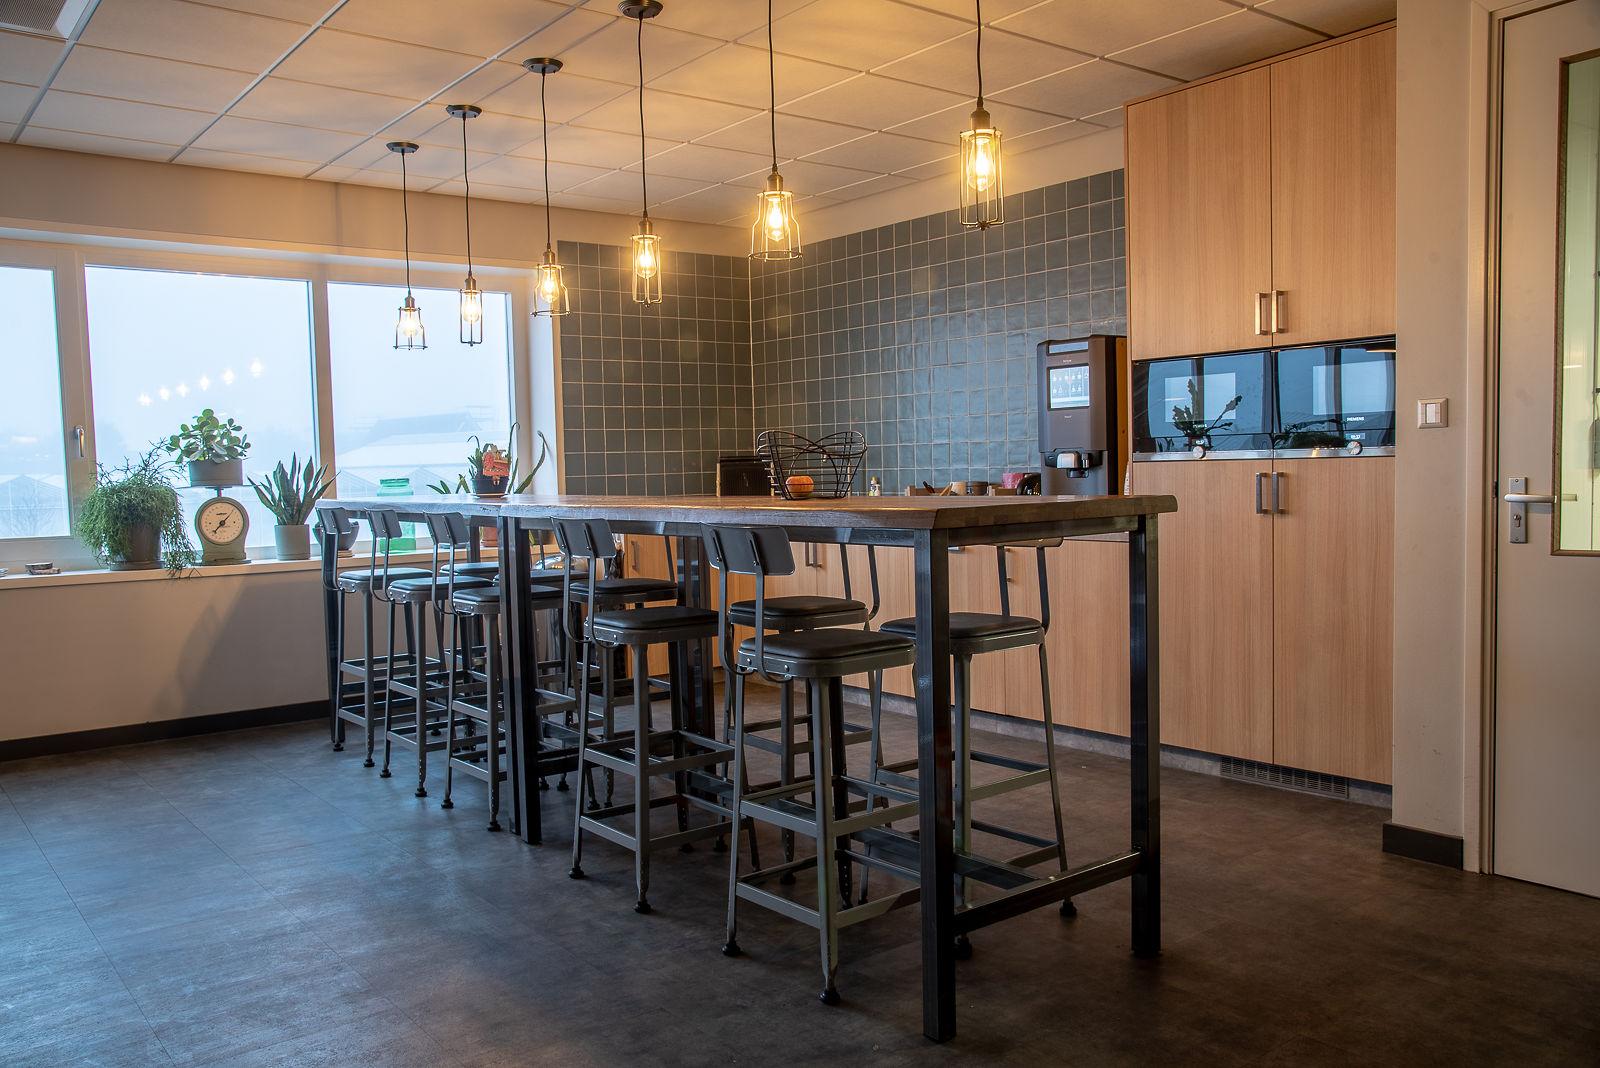 Fotografie projectinrichting ruimte met hoge tafel en krukken